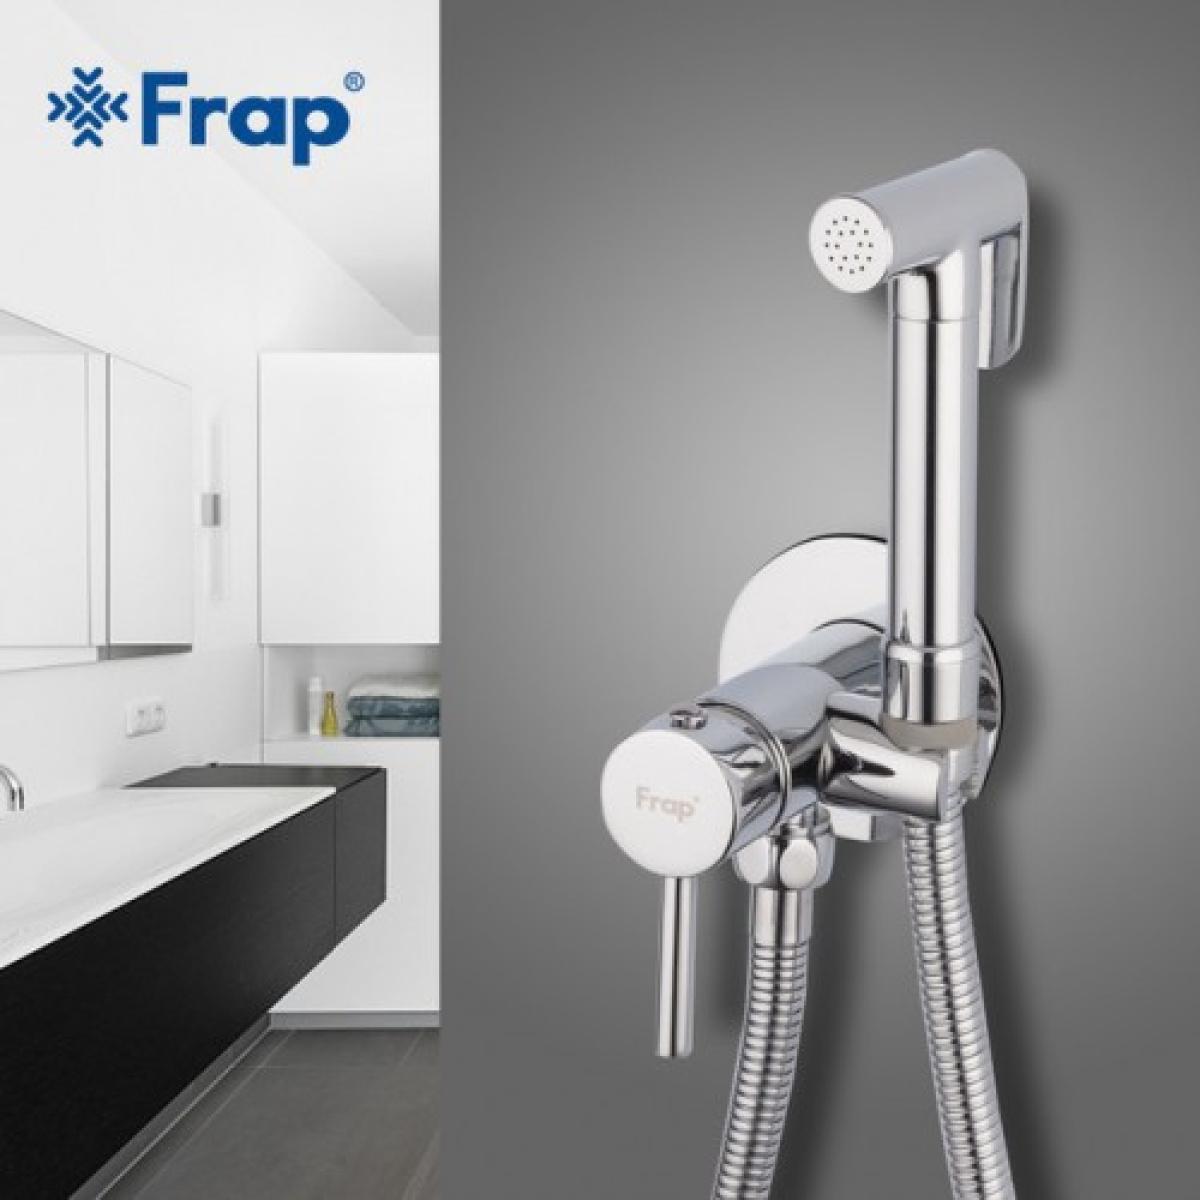 Гигиенический душ со смесителем латунь/хром frap f7505-2